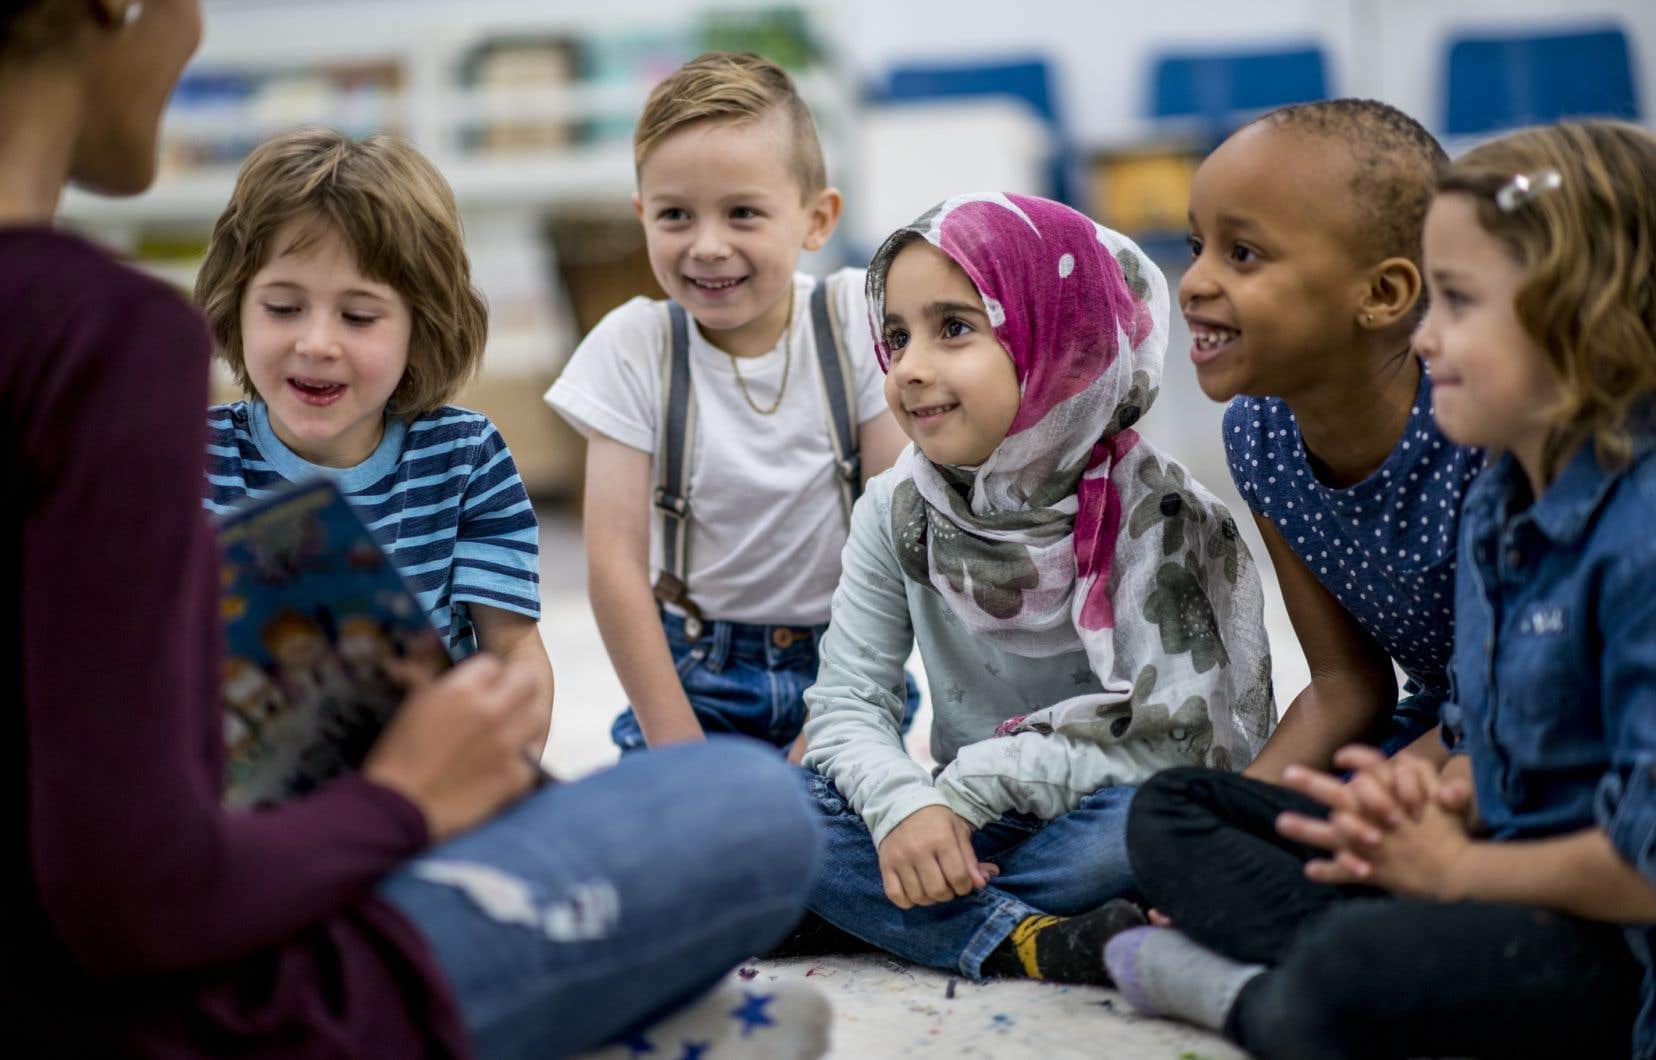 L'étude a été réalisée par des chercheurs américains et espagnols, et repose sur l'analyse de prélèvements dans 59 cerveaux d'enfants et d'adultes.